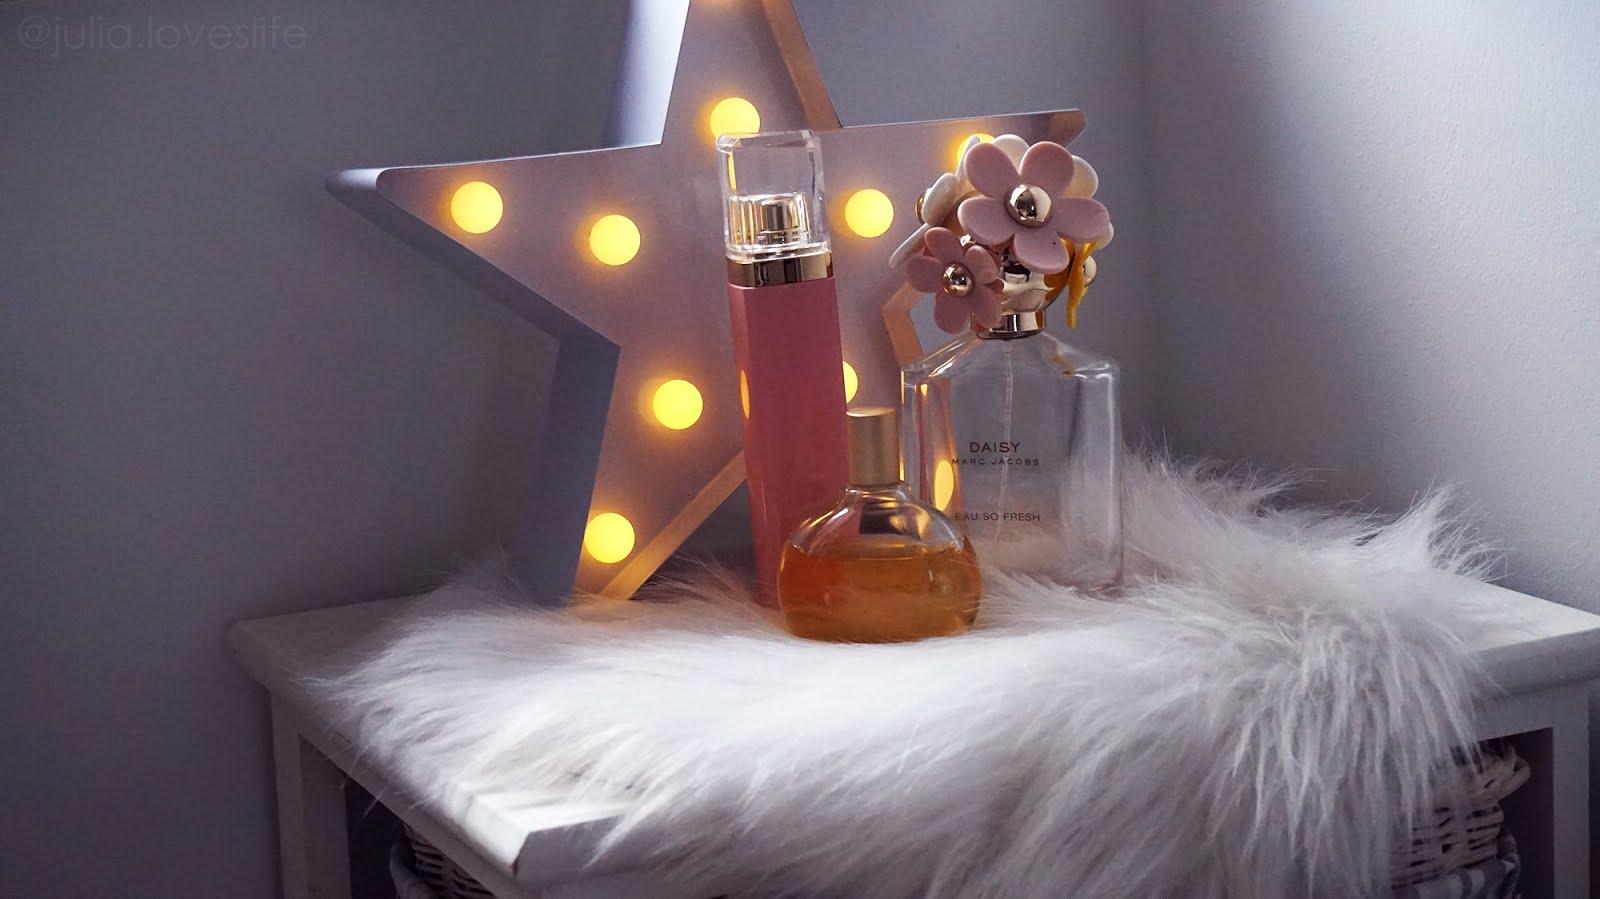 moje_perfumy